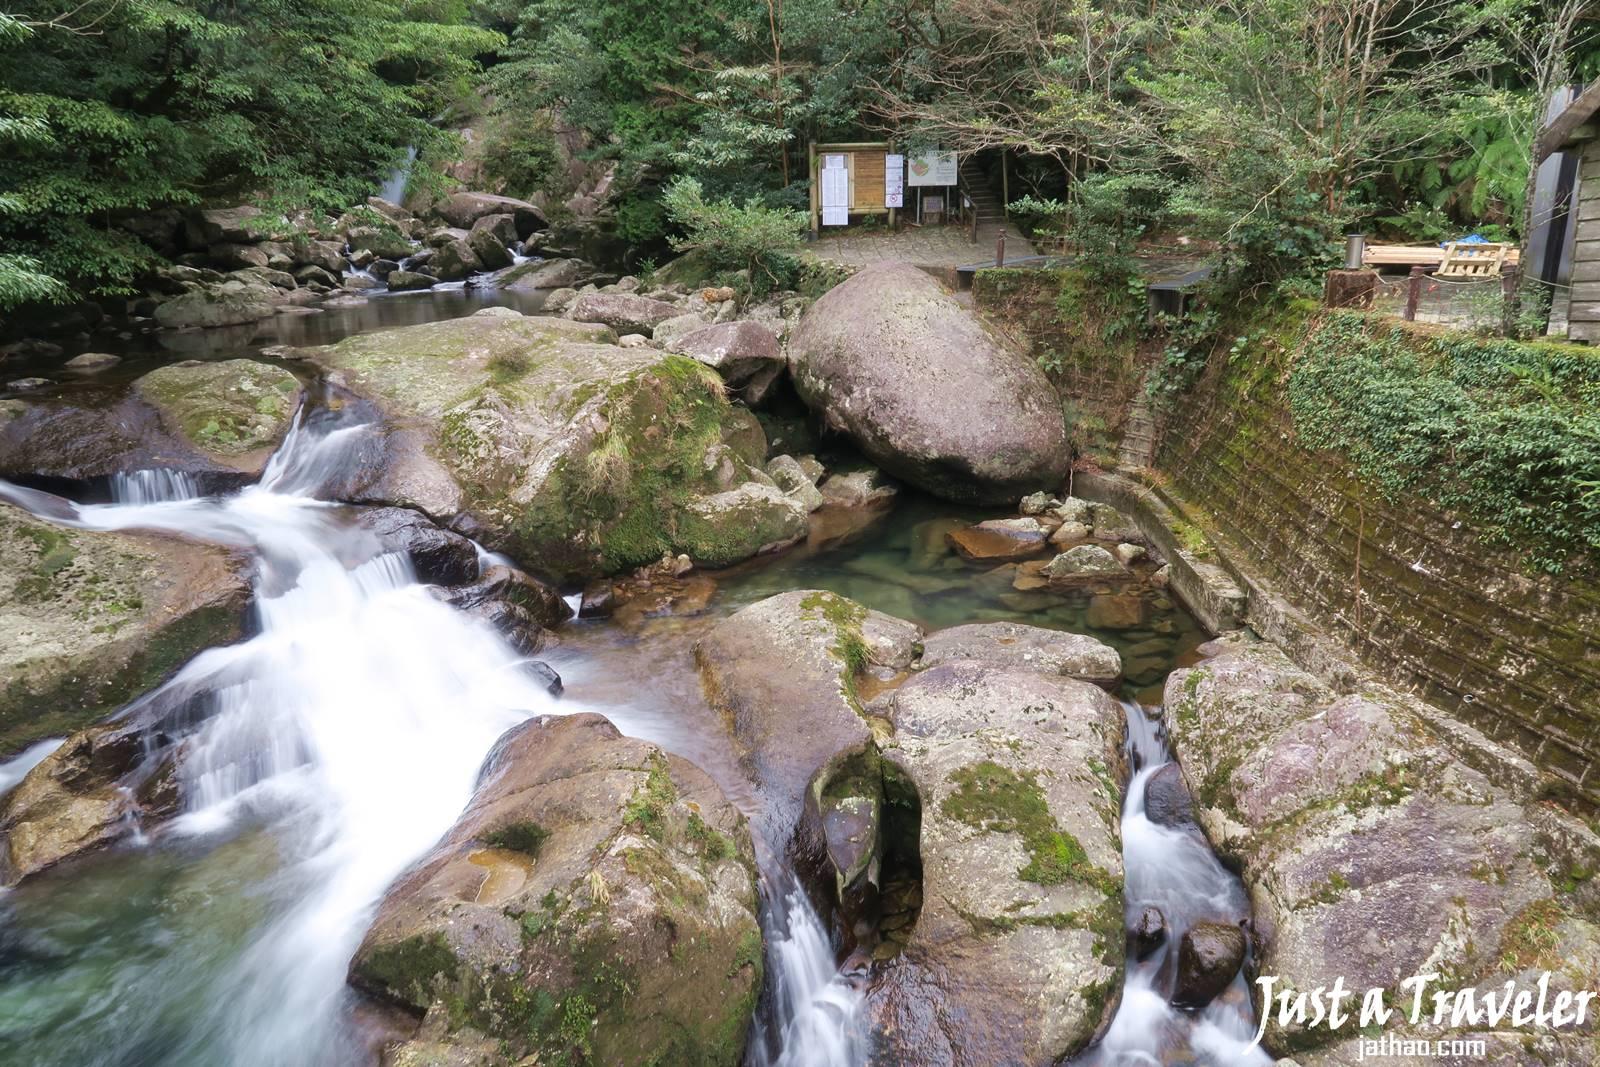 九州-九州景點-推薦-屋久島-九州行程-九州必玩景點-九州必遊景點-九州旅遊景點-九州自由行-九州觀光景點-九州好玩景點-九州介紹-日本-Kyushu